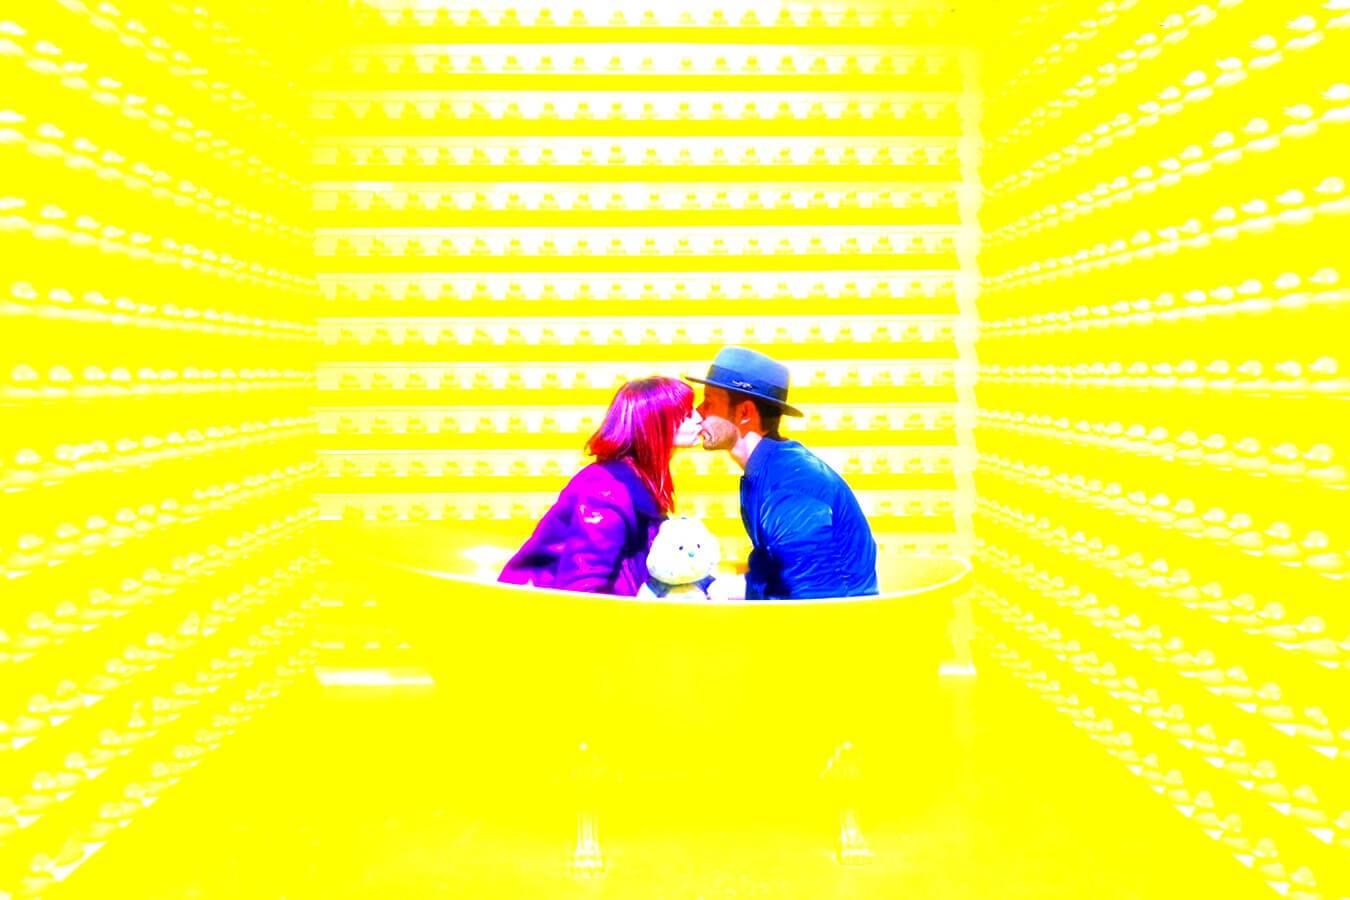 Как построить гармоничные отношения? 8 составляющих счастья в сильной паре, фото   Психо/логика